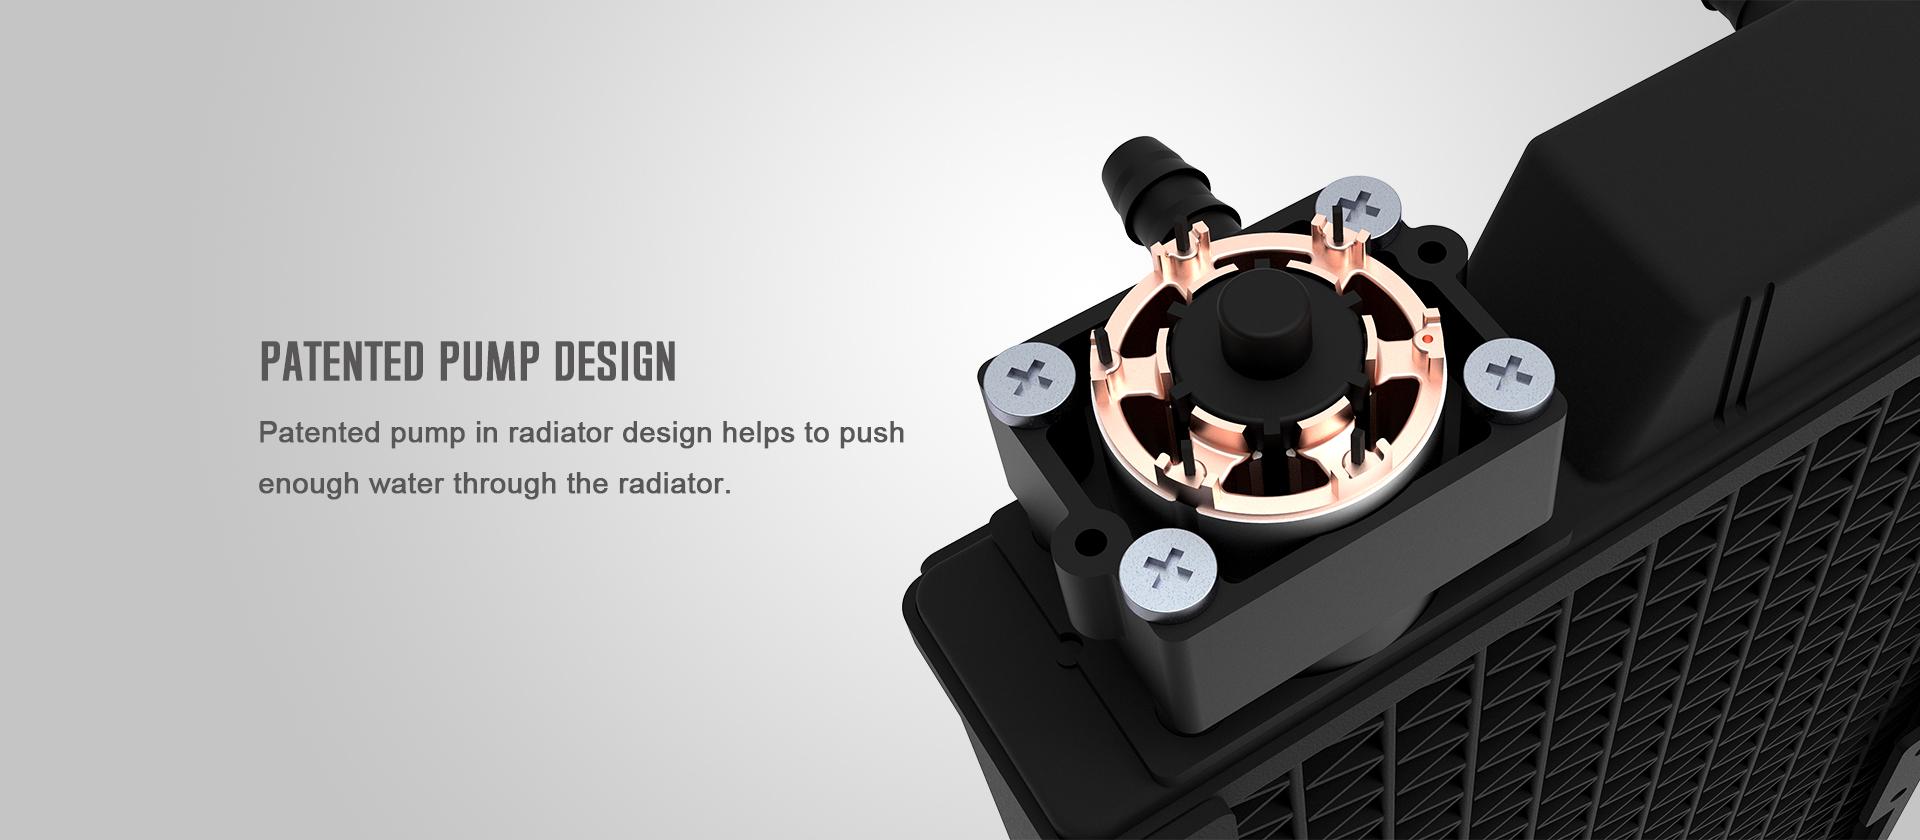 Tản Nhiệt Nước ID-COOLING ICEFLOW 240 ARGB được cấp bằng sáng chế về thiết kế bơm nhằm nâng cao hiệu quả bơm, giúp bơm liên tục luân chuyển dòng nước nóng - lạnh để nâng cao hiệu năng làm mát